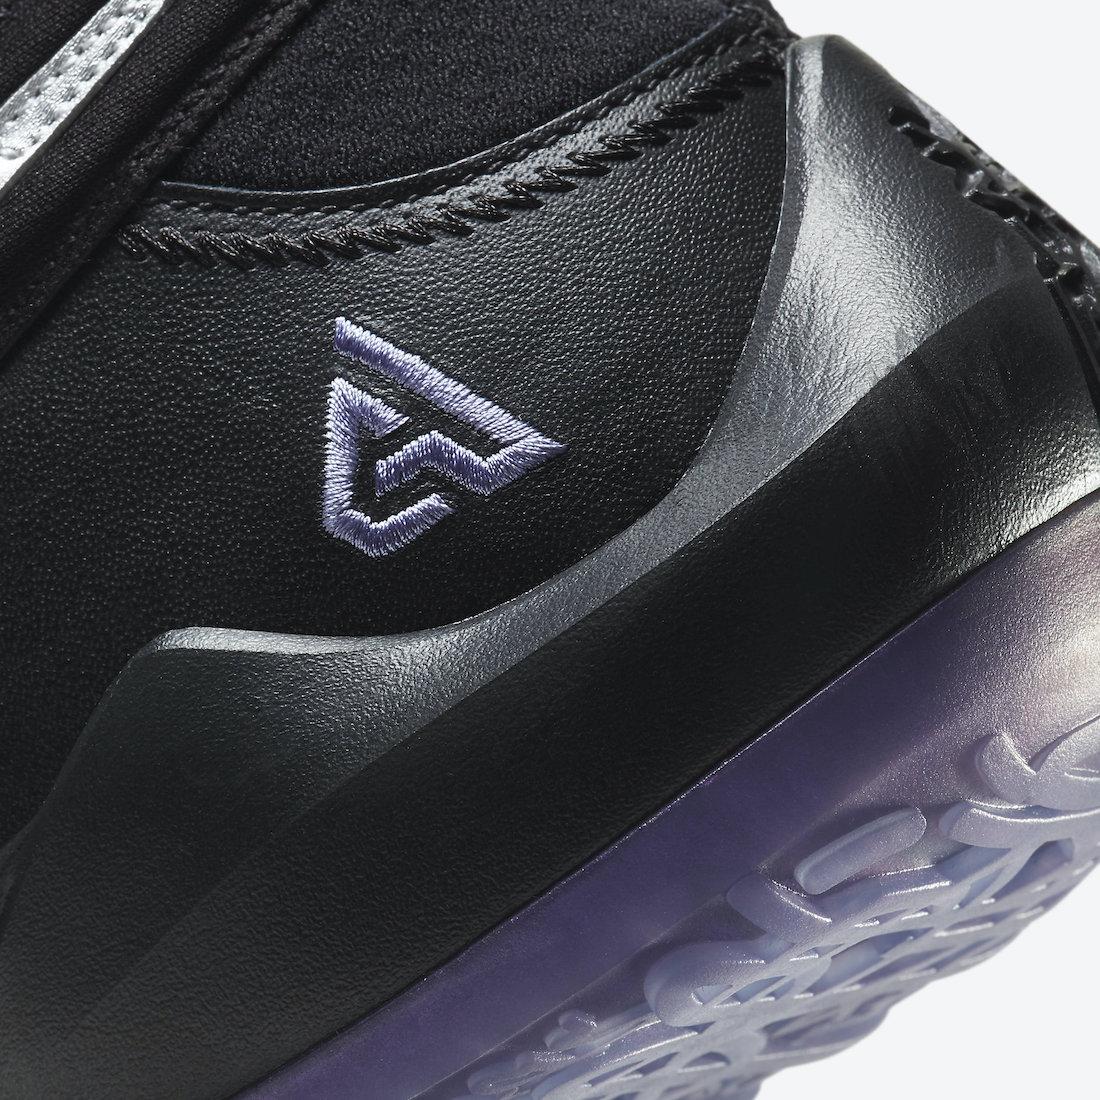 Nike Zoom Freak 2 Dusty Amethyst CK5424-005 Release Date Info